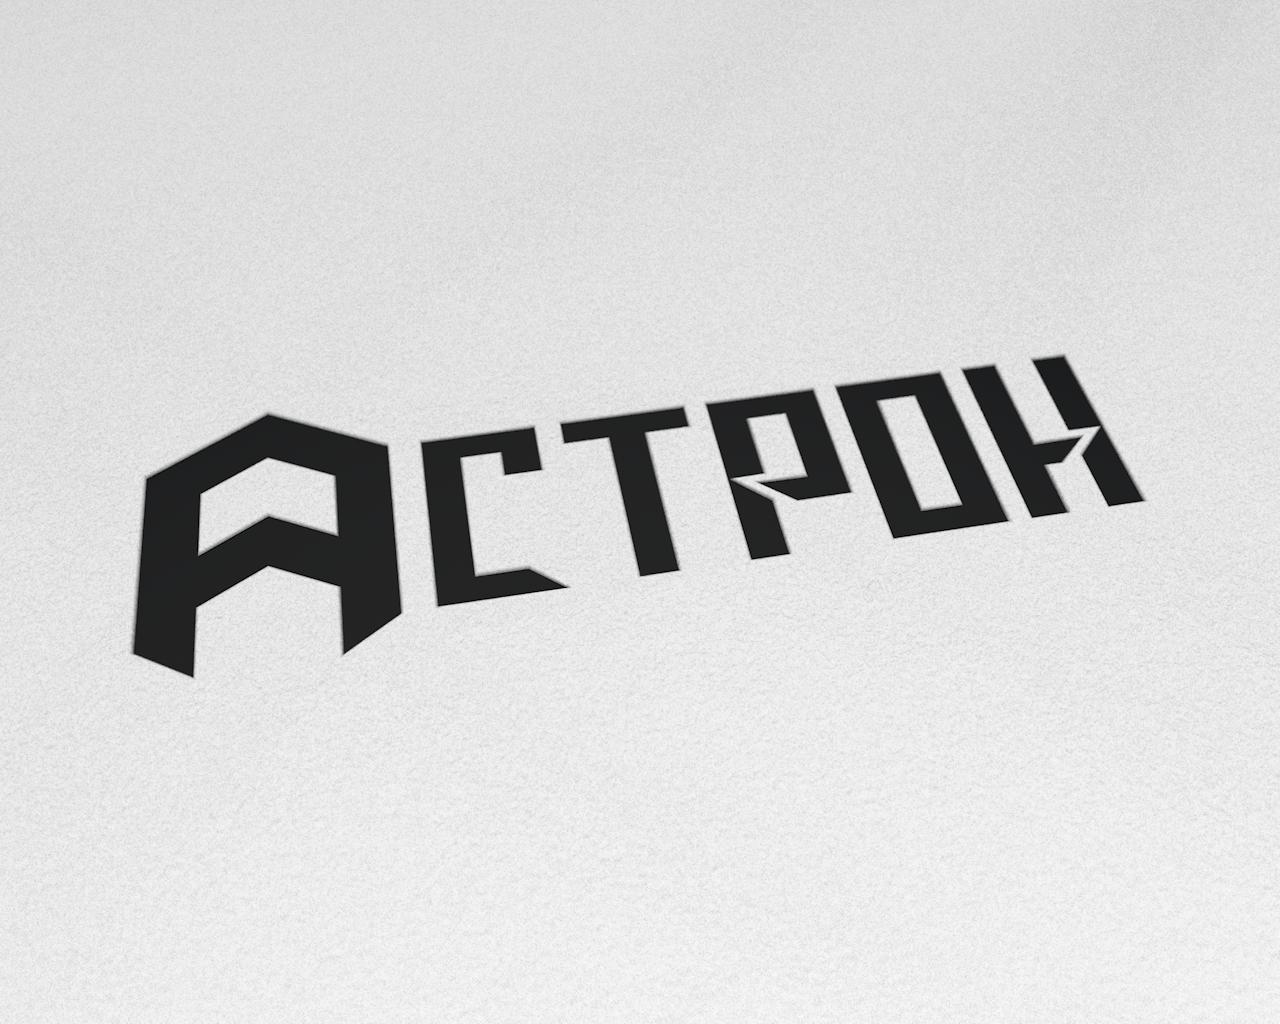 Товарный знак оптоэлектронного предприятия фото f_5375402c06a4ed6d.jpg